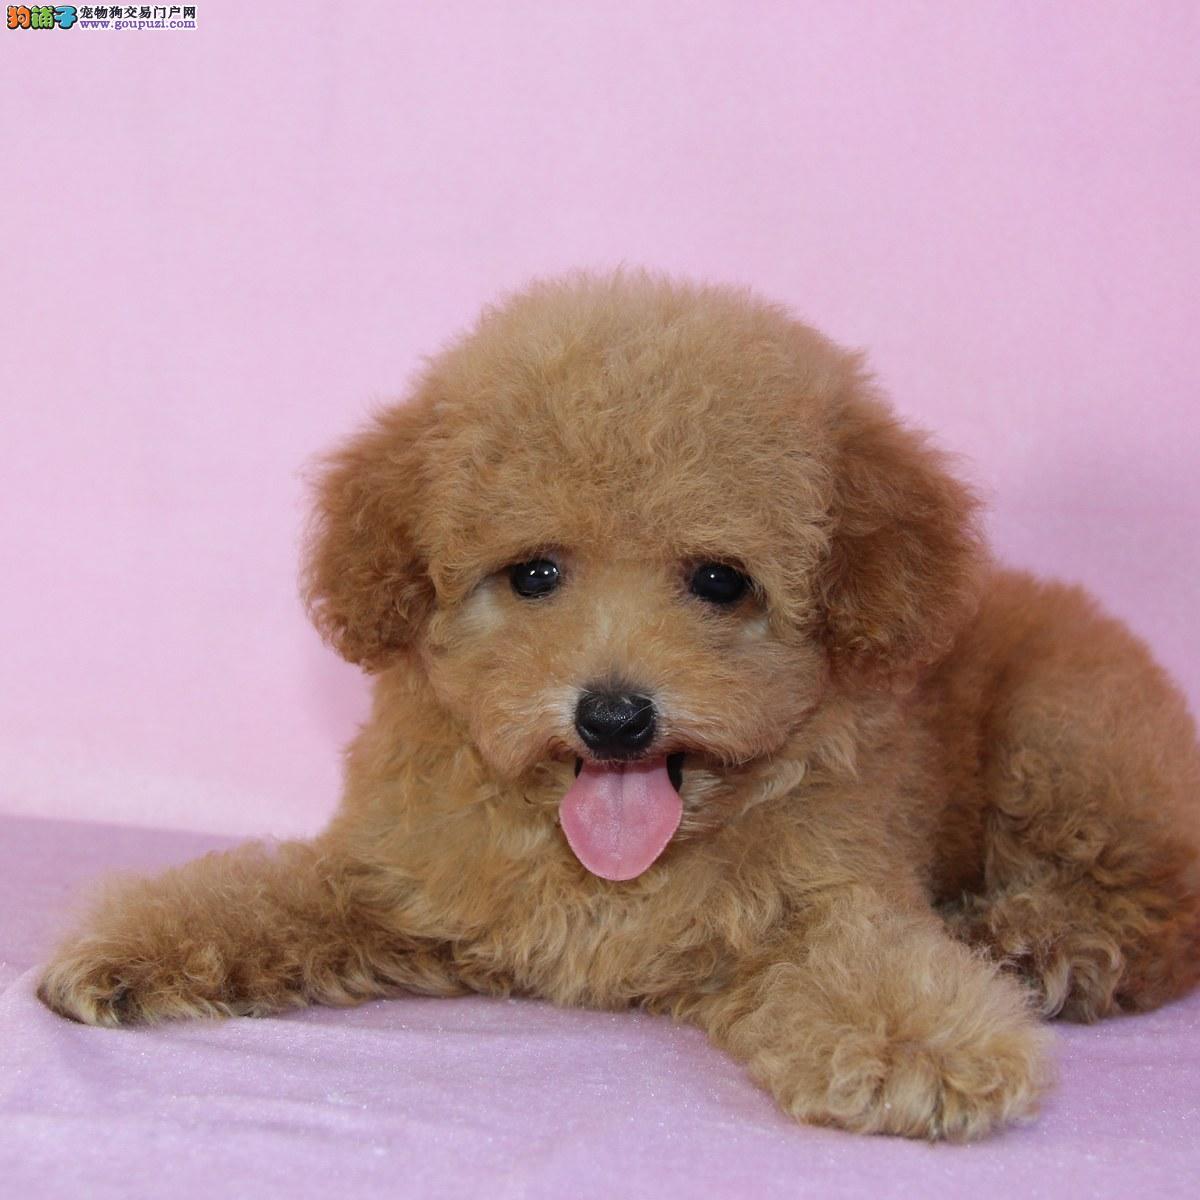 韩国血统泰迪犬低价转让 欢迎来沈阳本地犬舍购买2